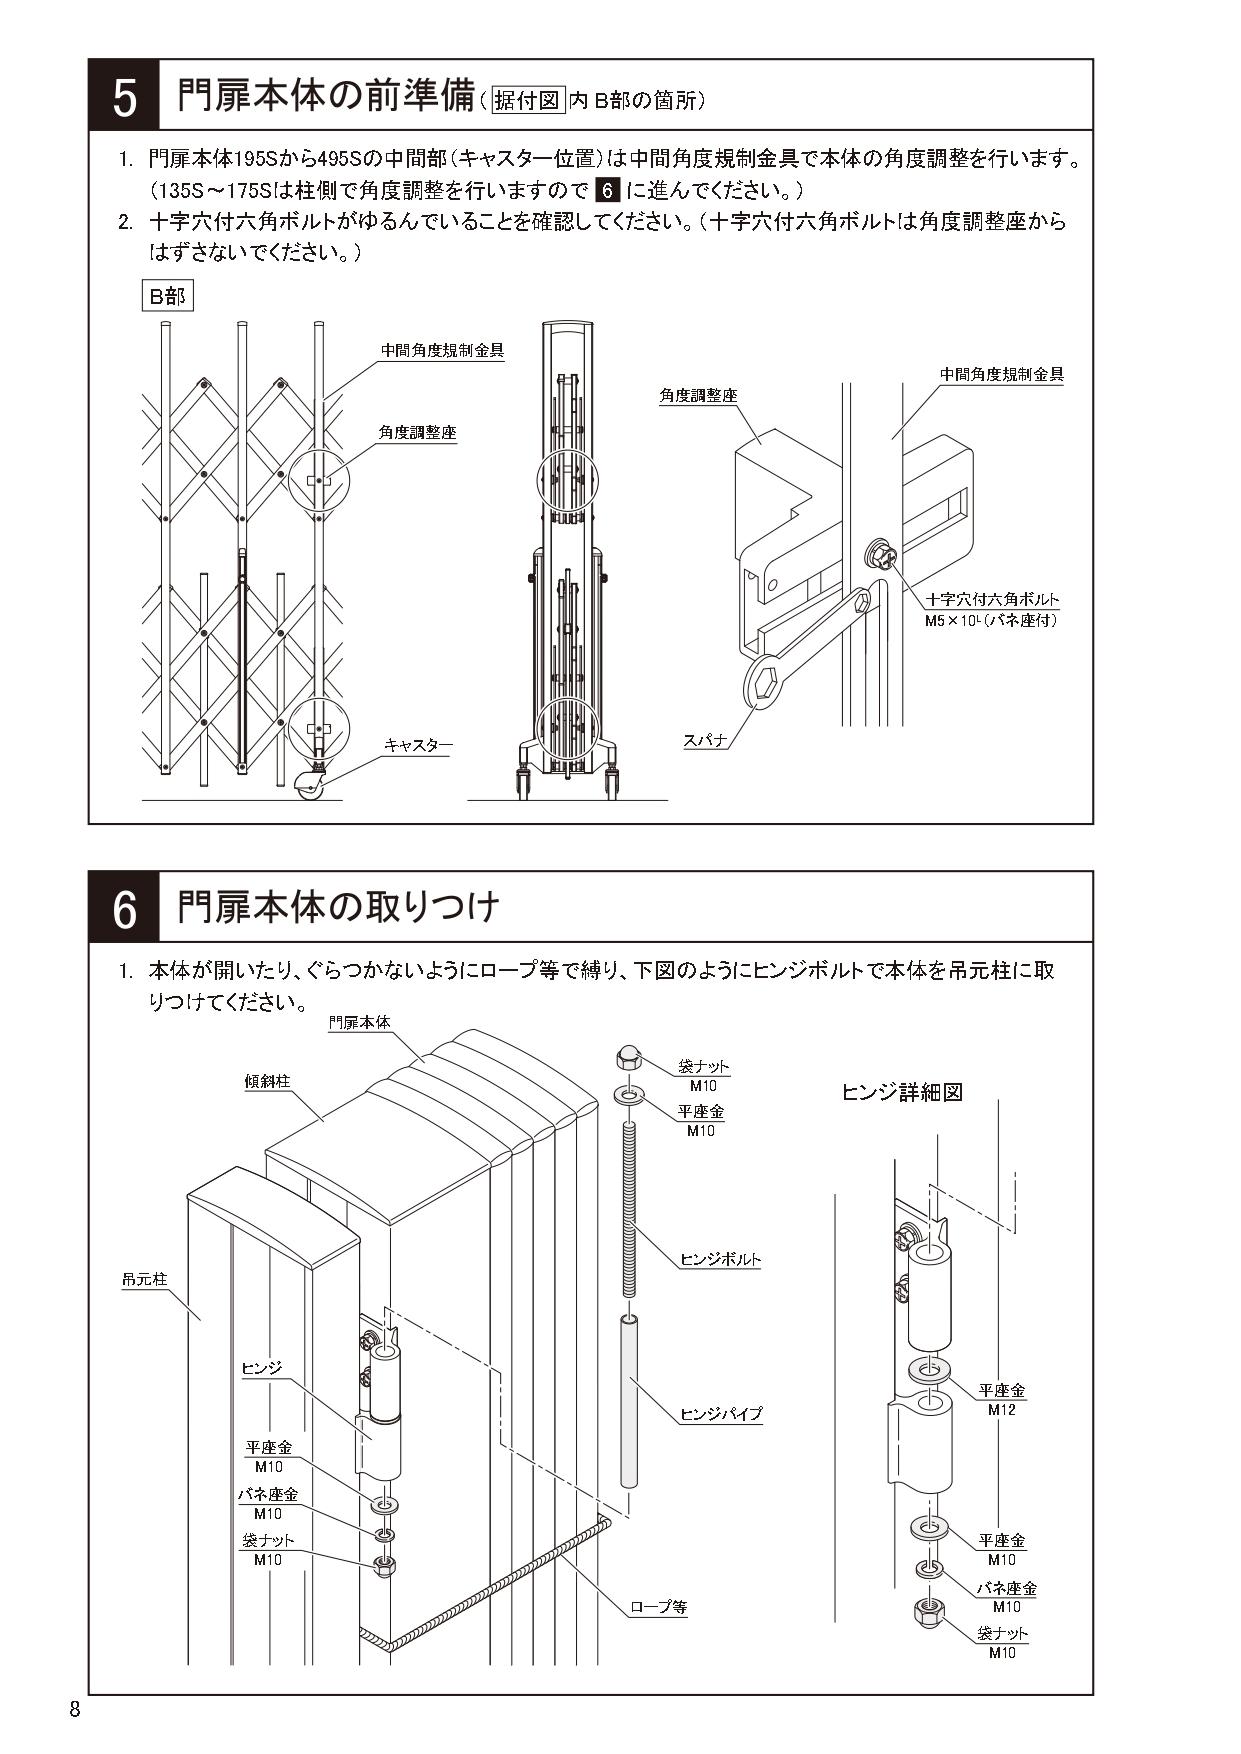 ニューハピネスHG 傾斜・ペットガードタイプ 施工説明書_page-0008